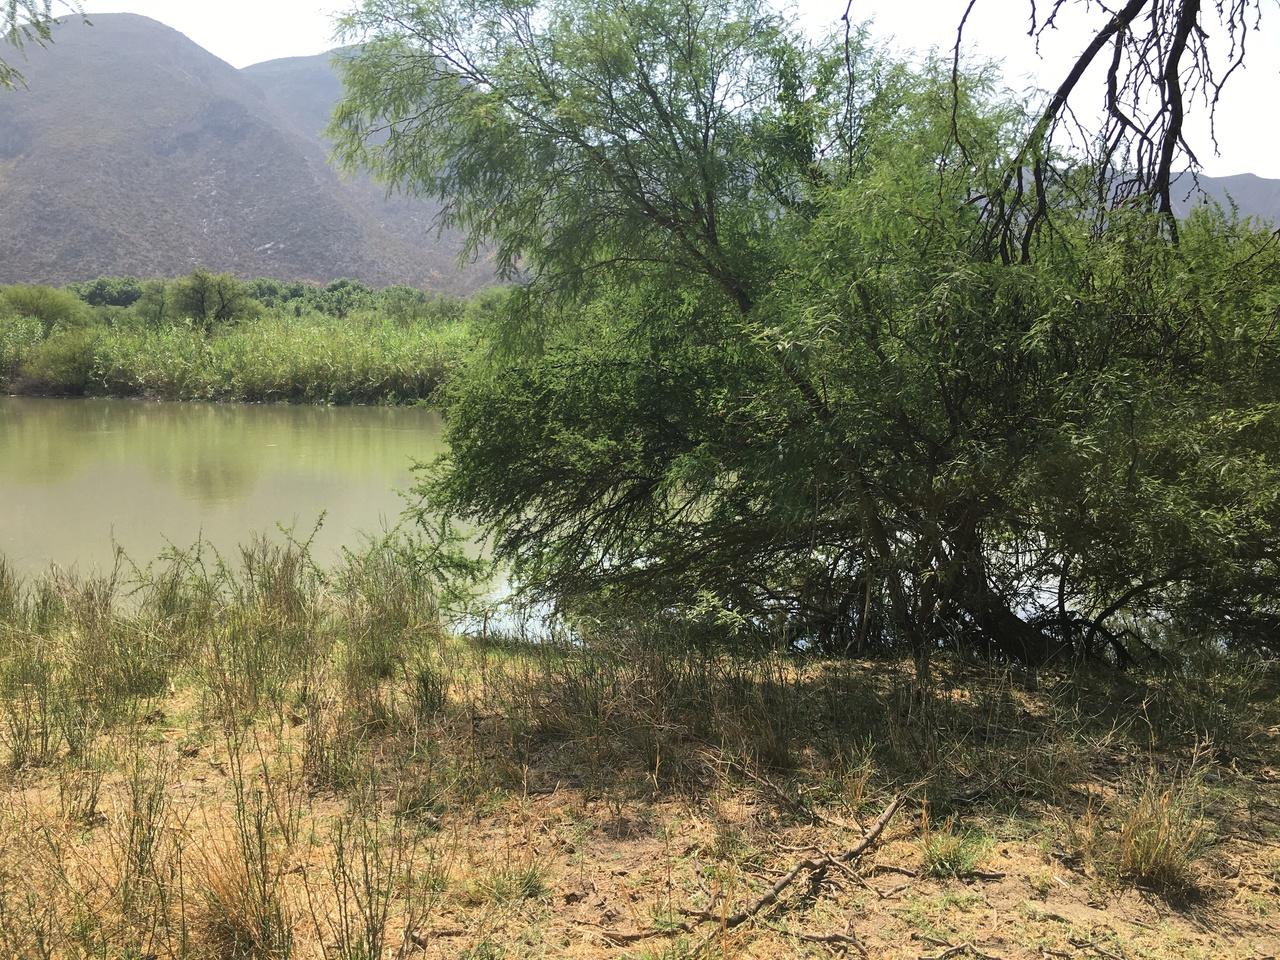 Advierten por posible afectación con 'Agua Saludable'